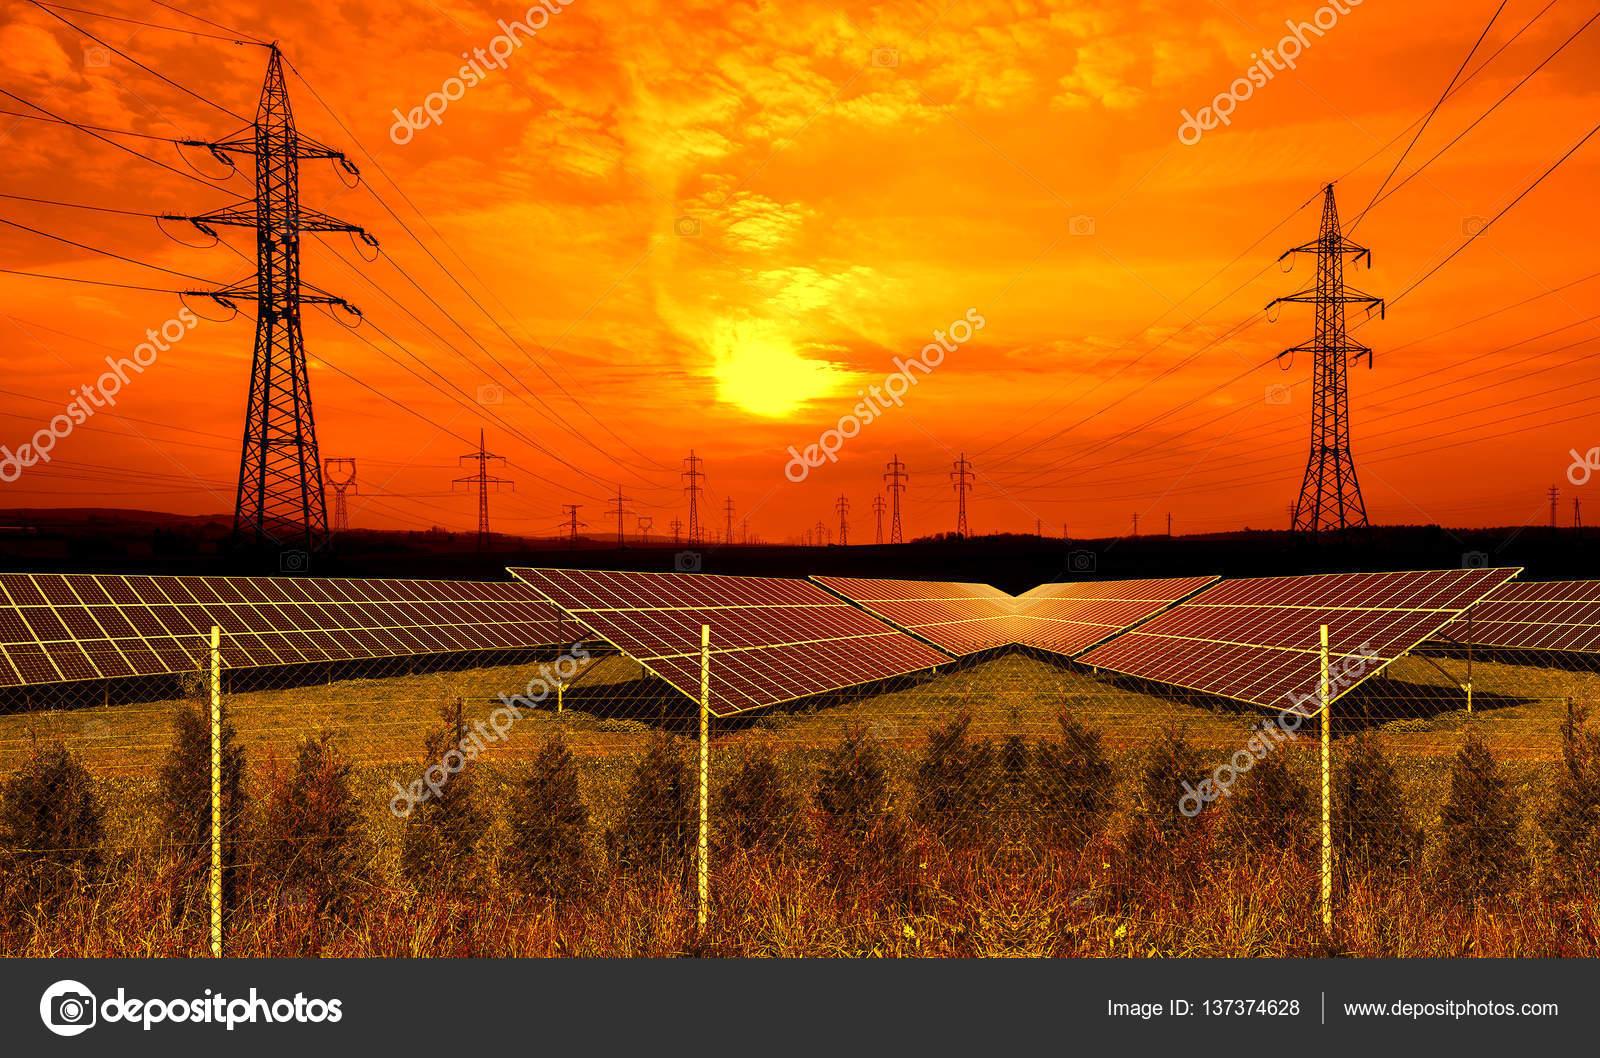 Pannelli solari con pilone di elettricit al tramonto for Pannelli solari immagini